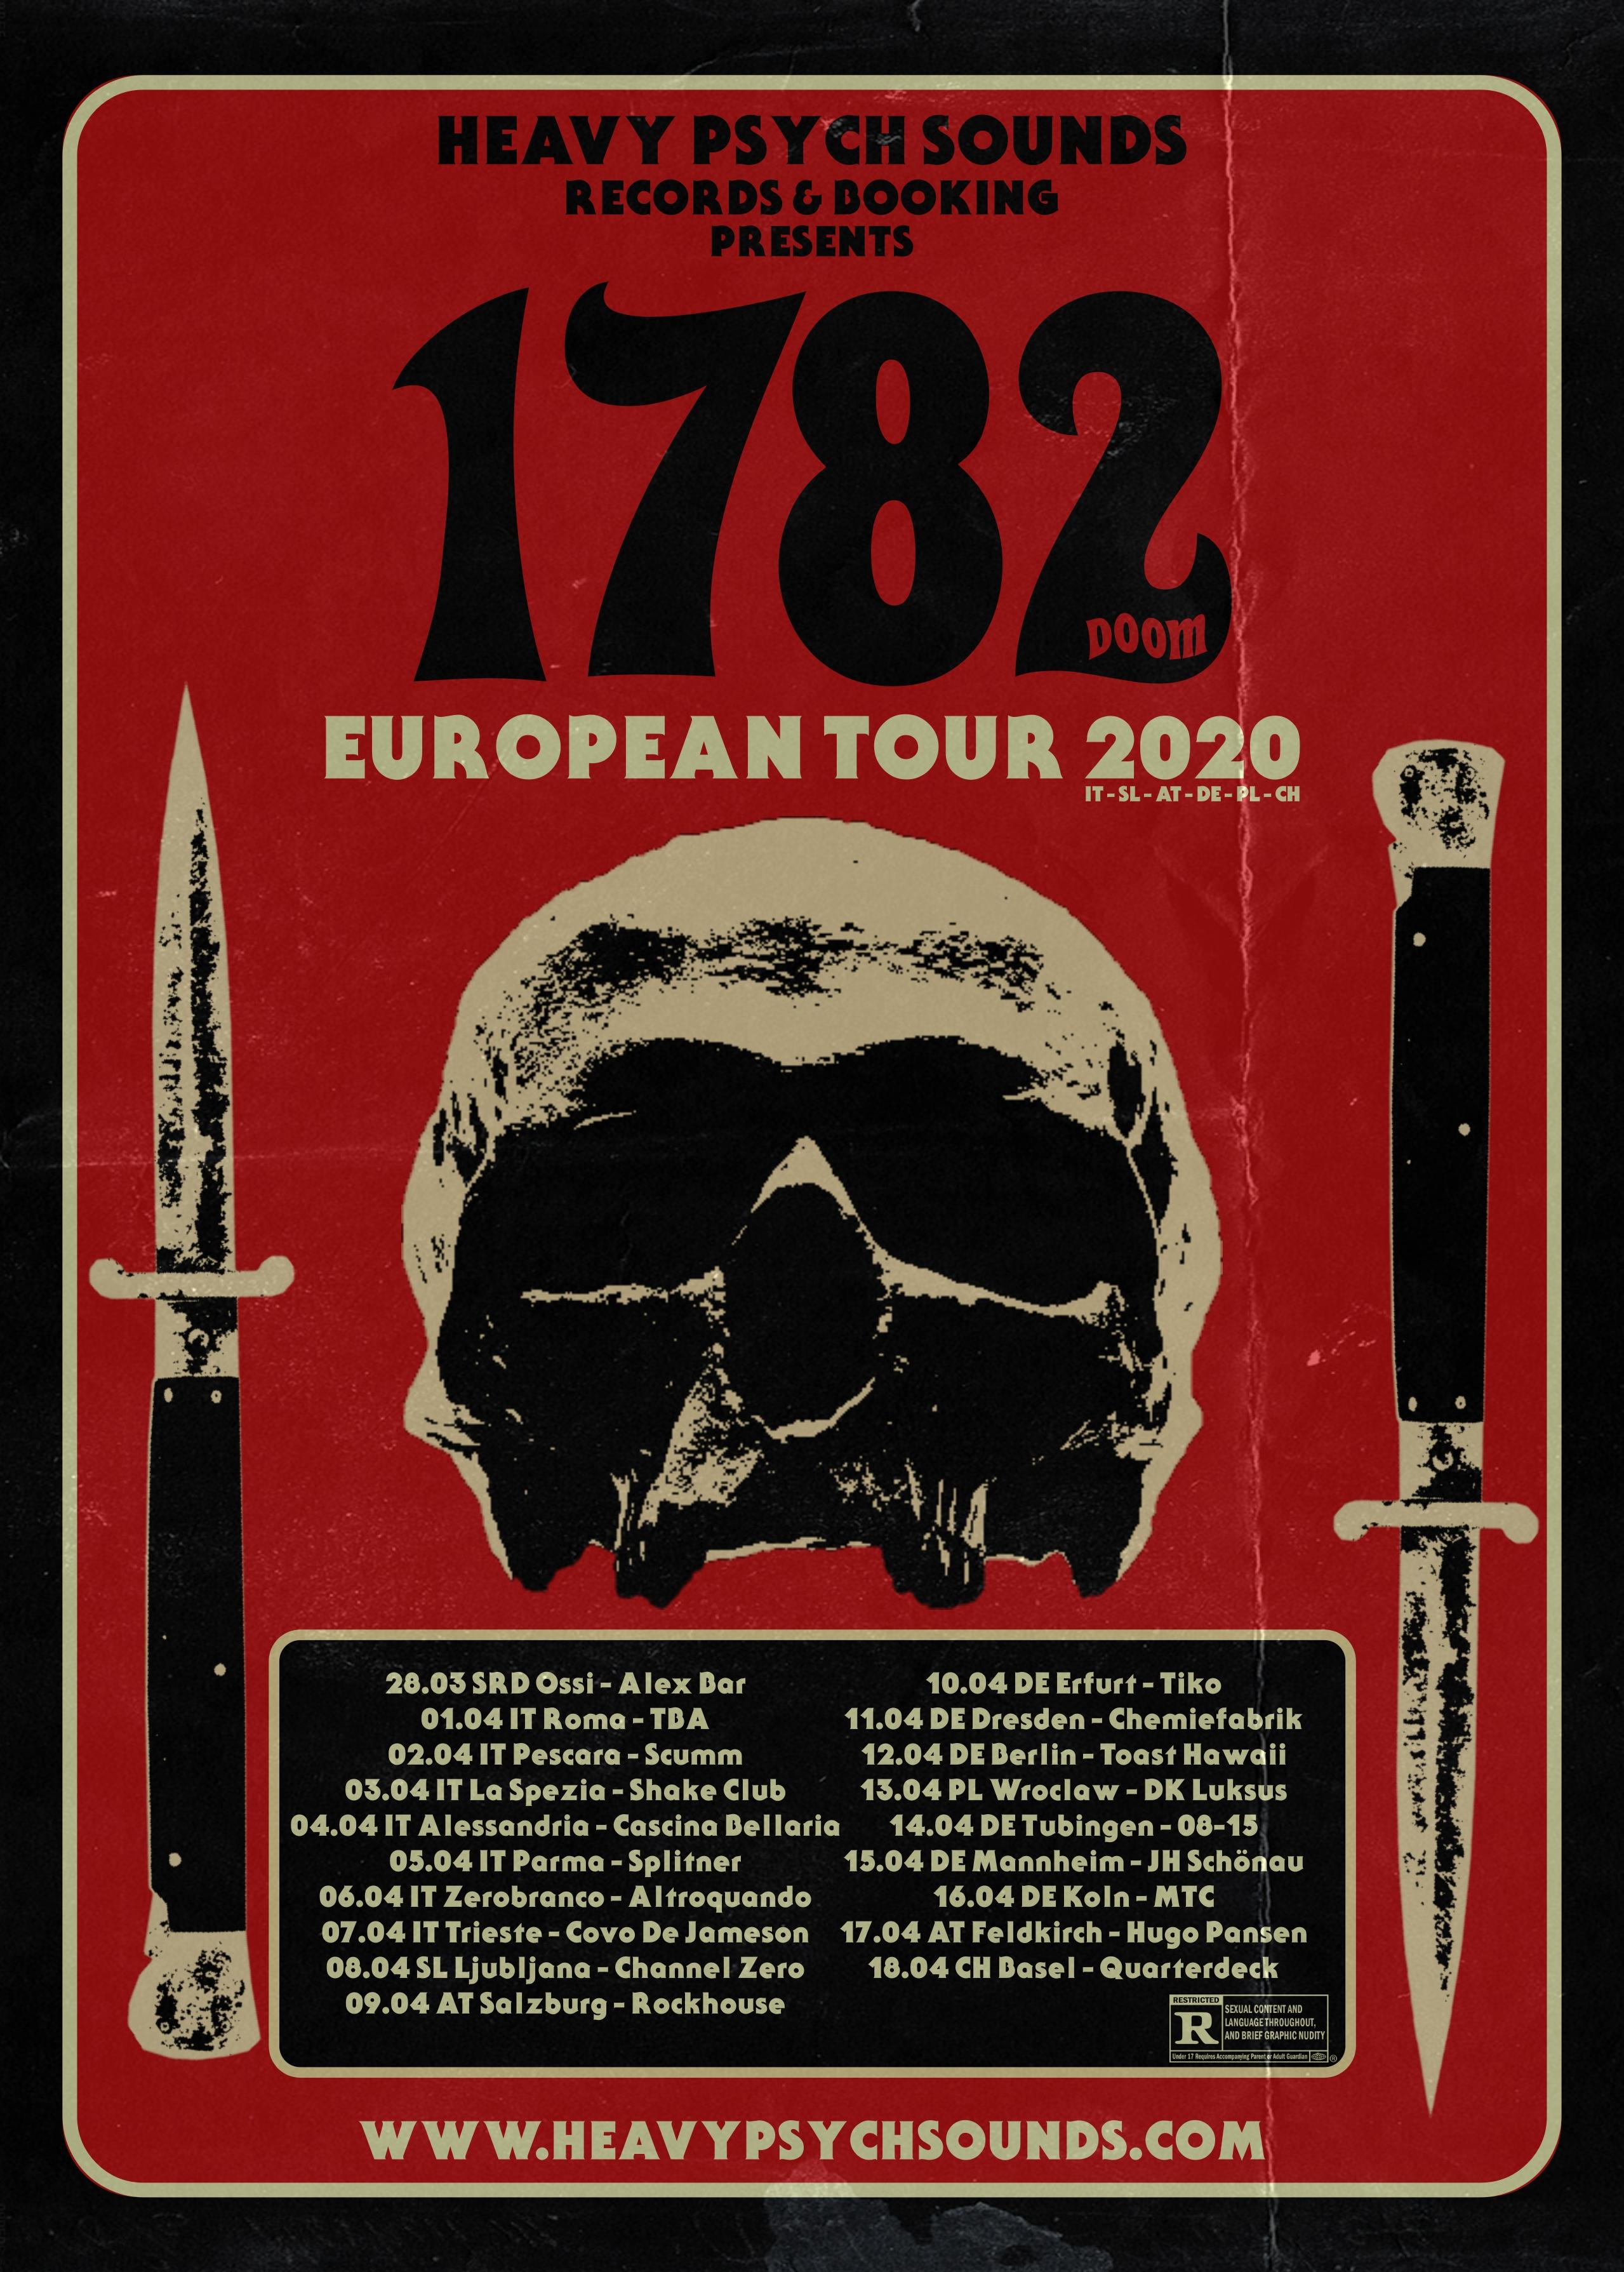 1782 tour